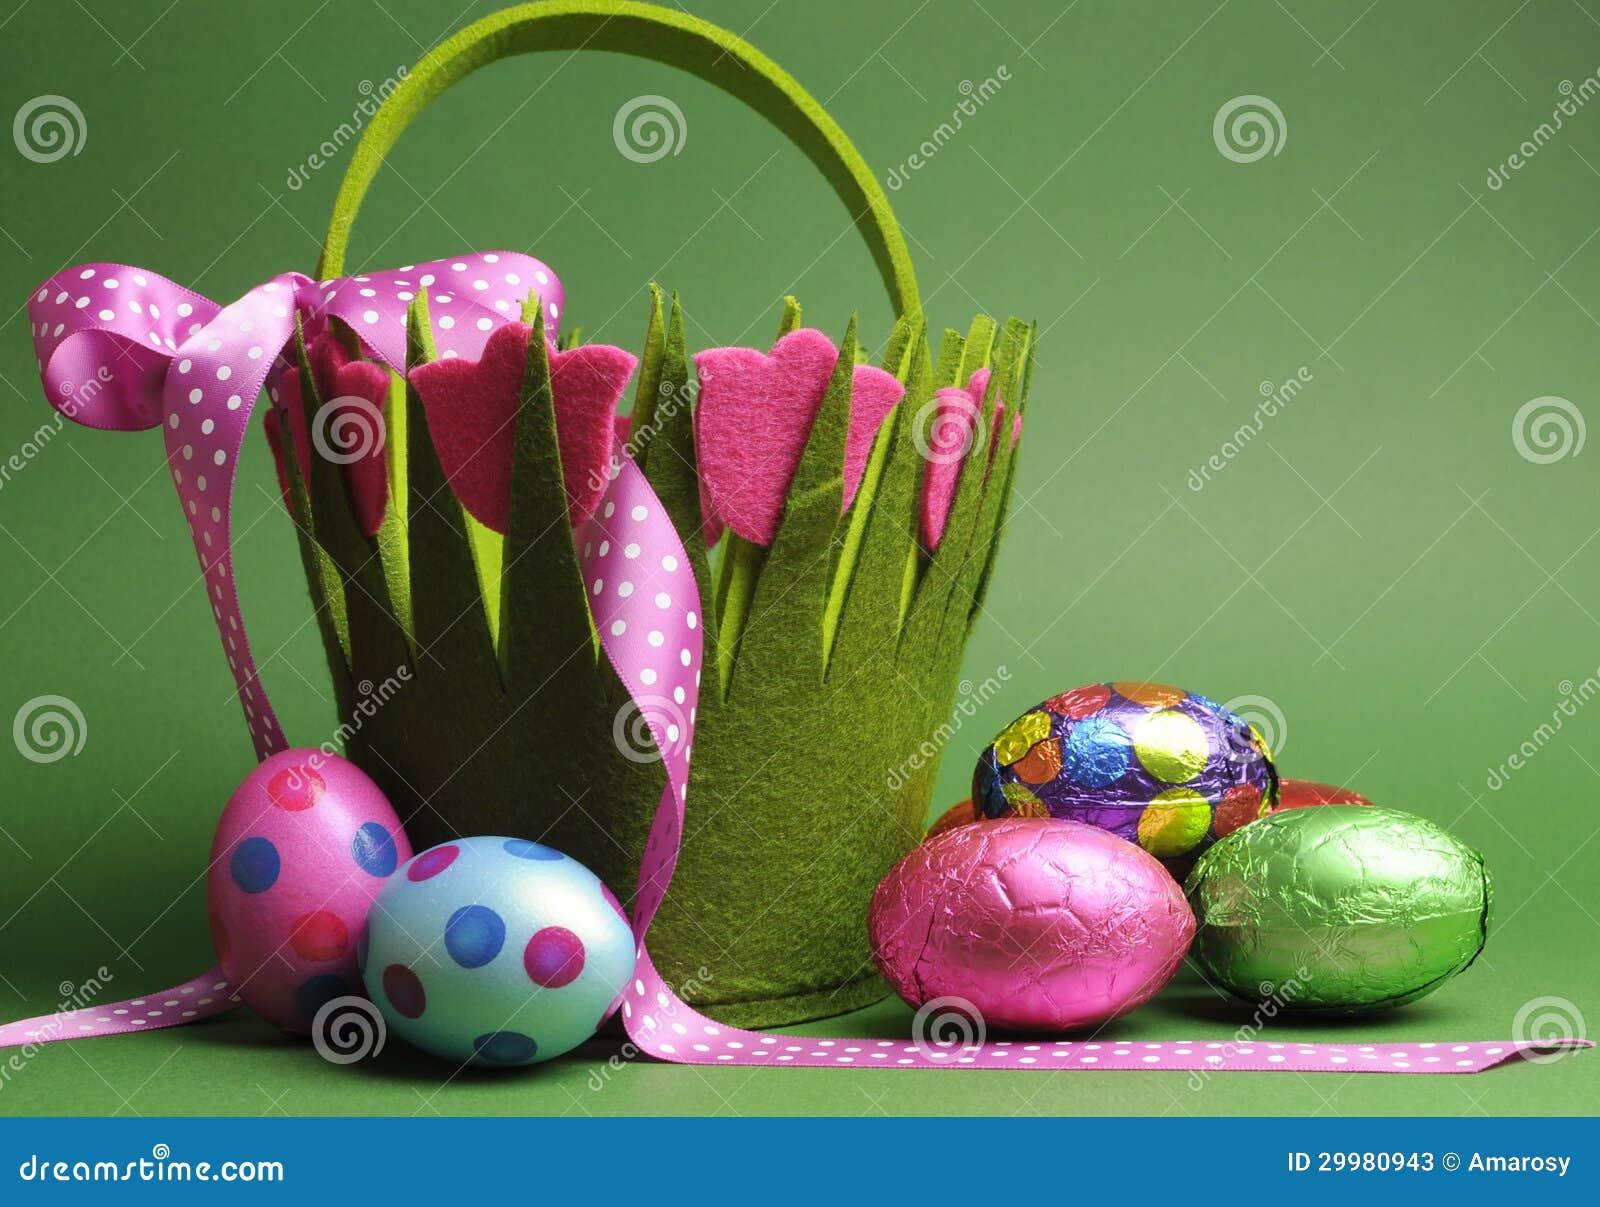 La caza del huevo de Pascua con el lunar colorido del tema de la primavera lleva los huevos de Pascua del bolso y del chocolate de